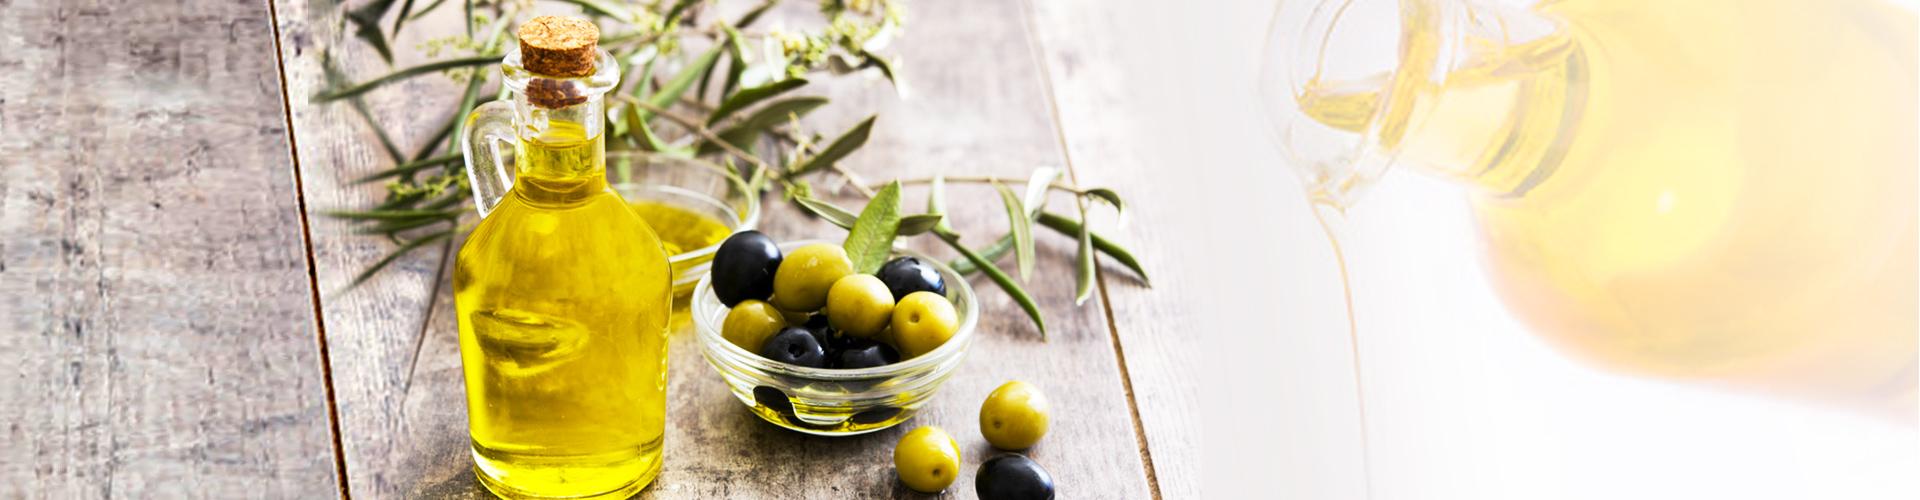 Extra vierge - Cuisiner à l'huile d'olive